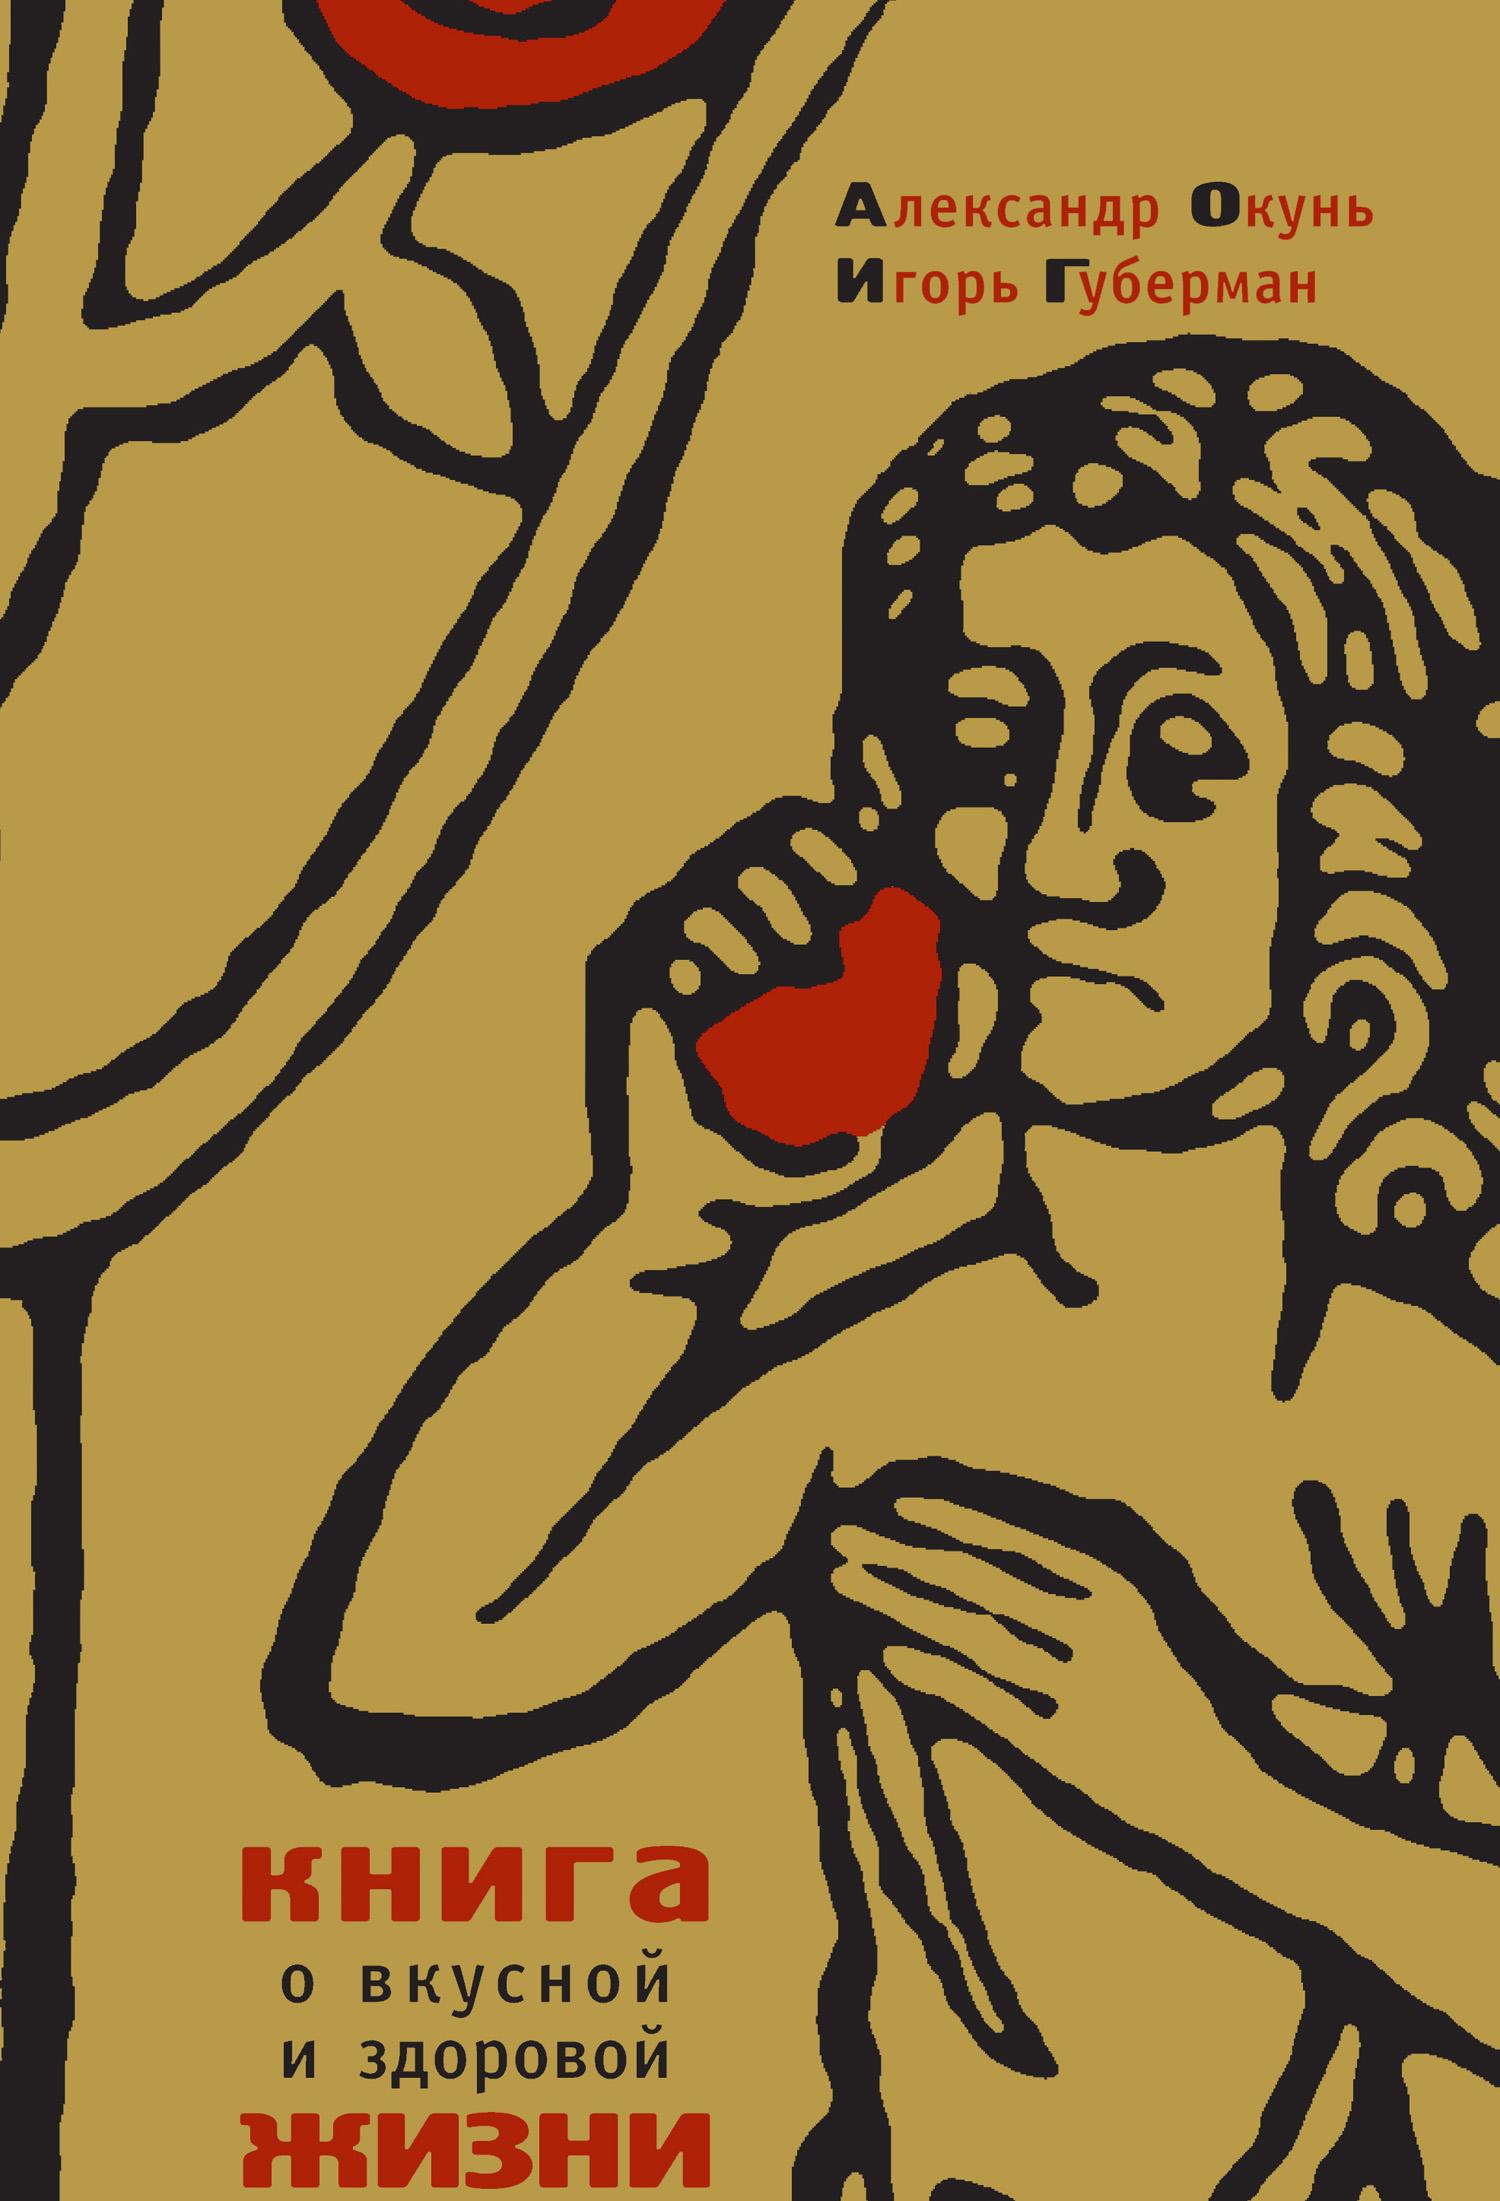 Игорь Губерман Книга о вкусной и здоровой жизни майя гогулан энциклопедия здорового питания большая книга о здоровой и вкусной пище